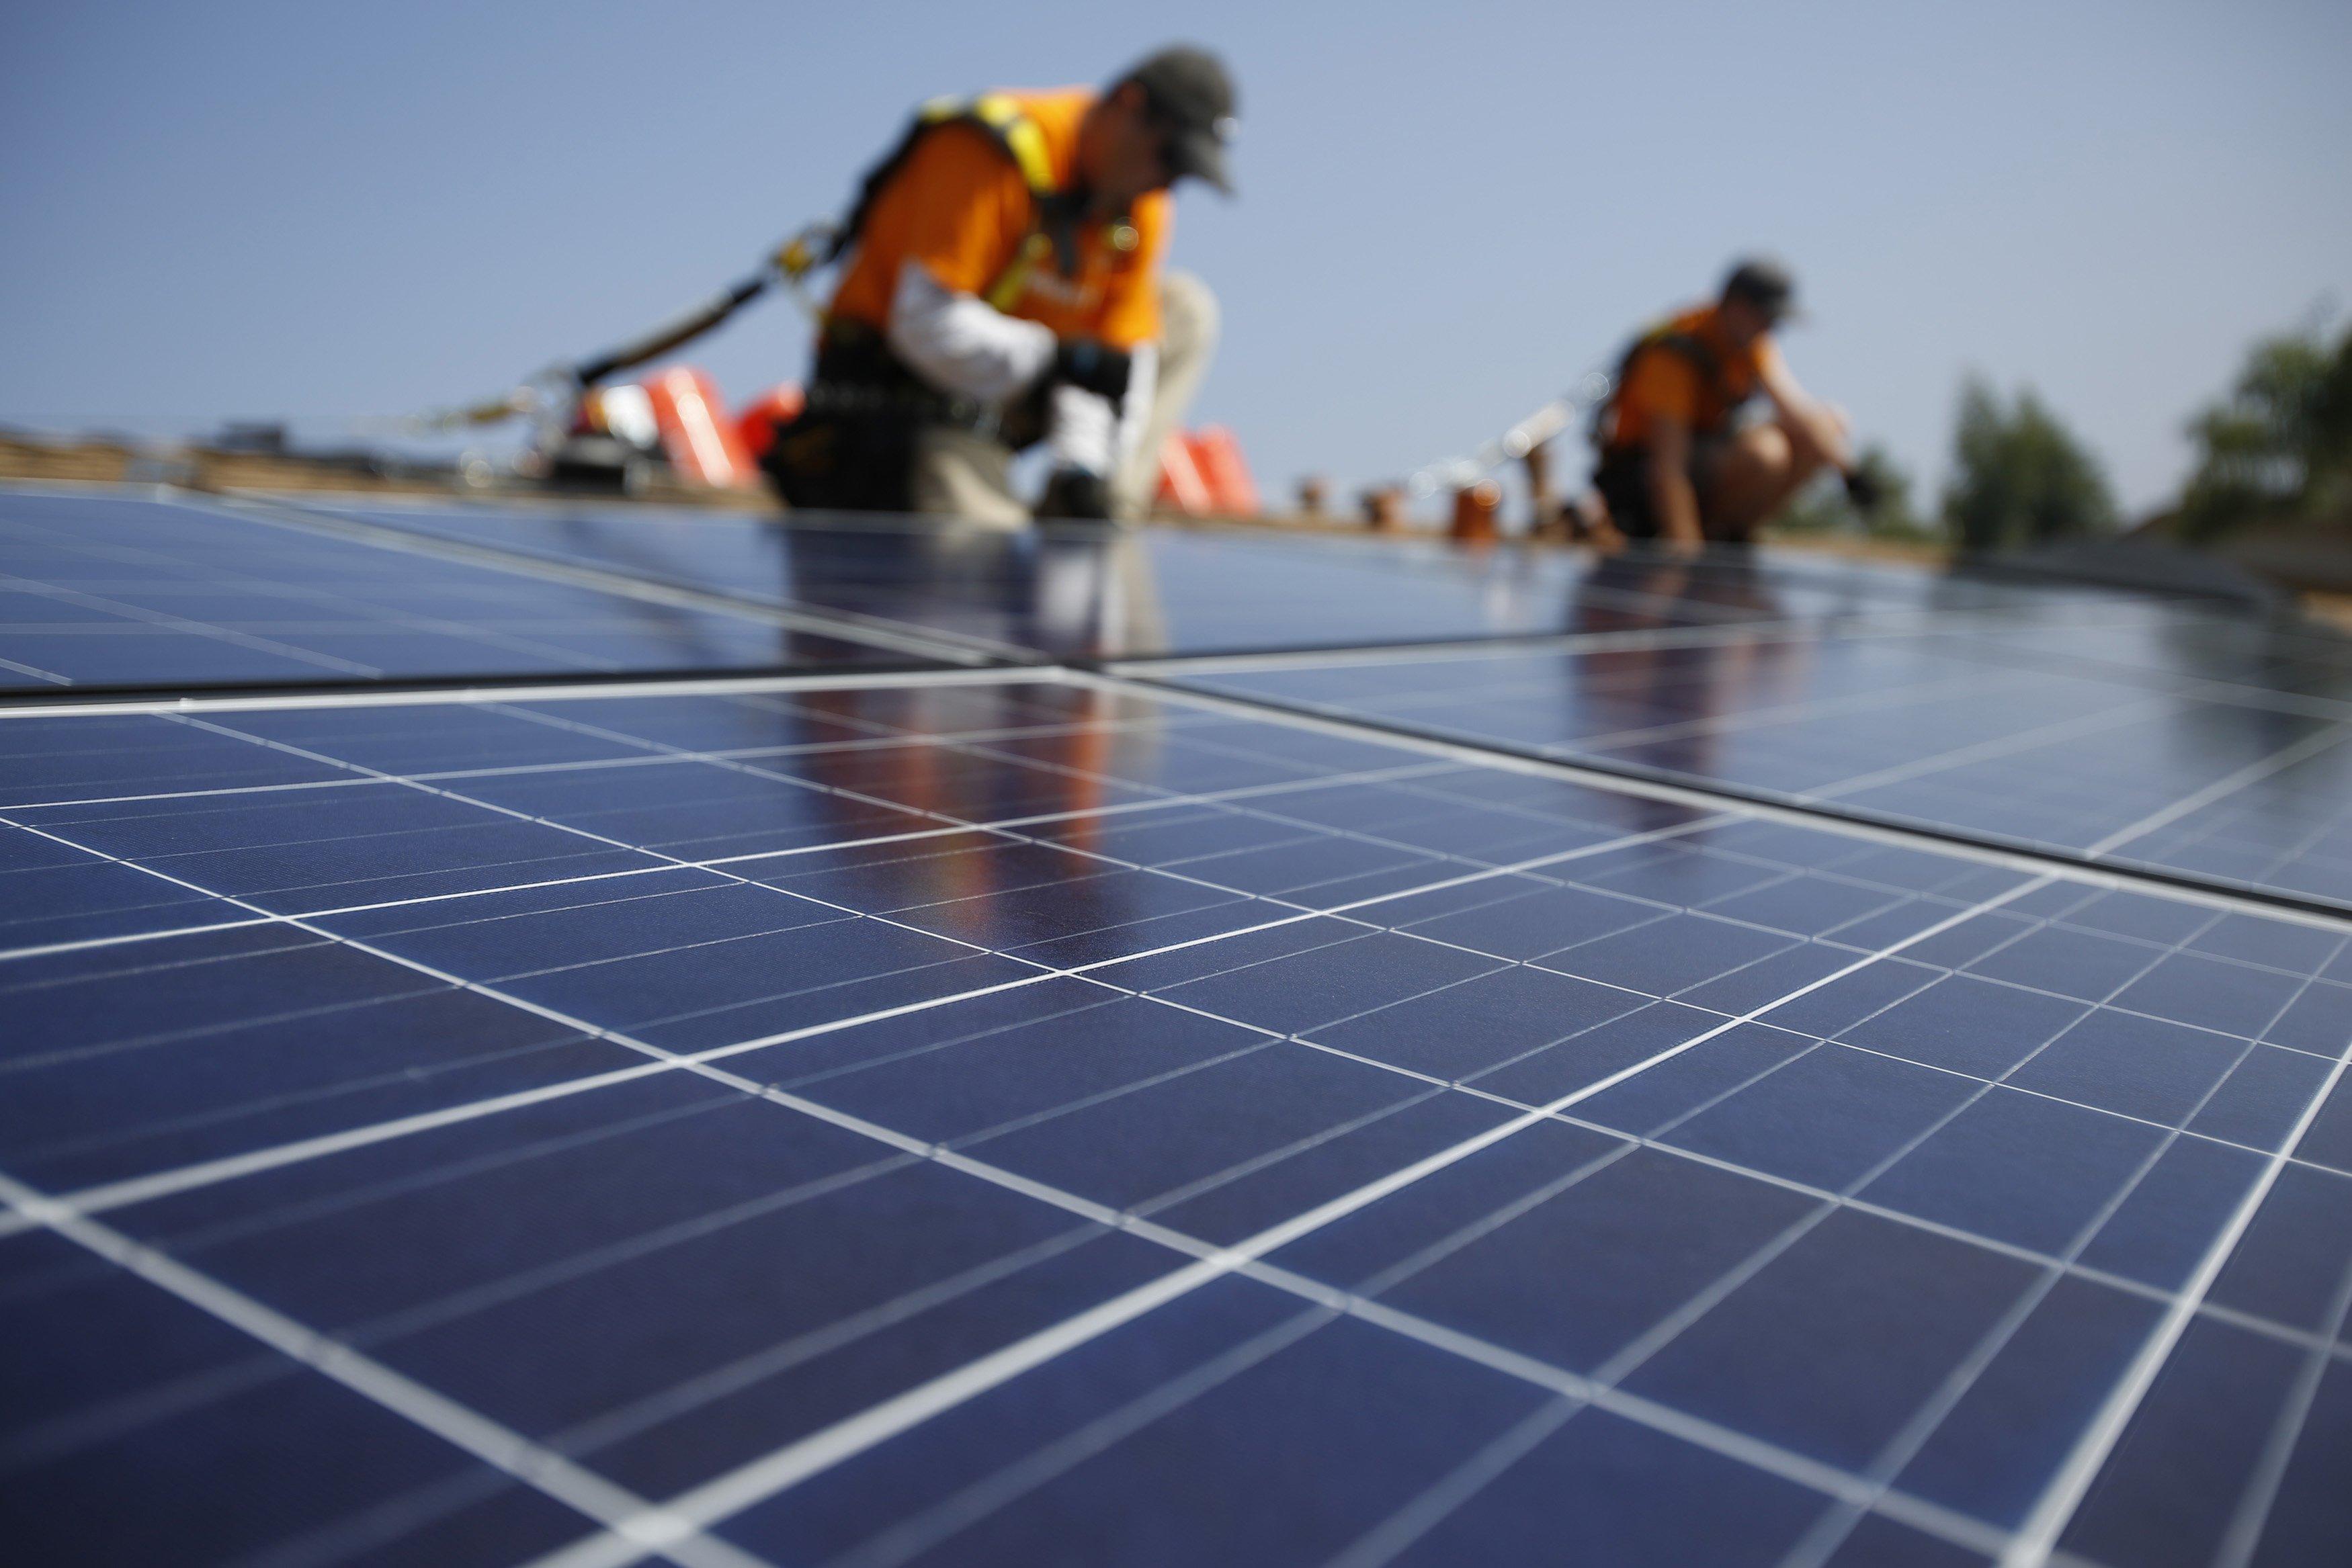 ۱۰ کشور پیشتاز در زمینه انرژی خورشیدی